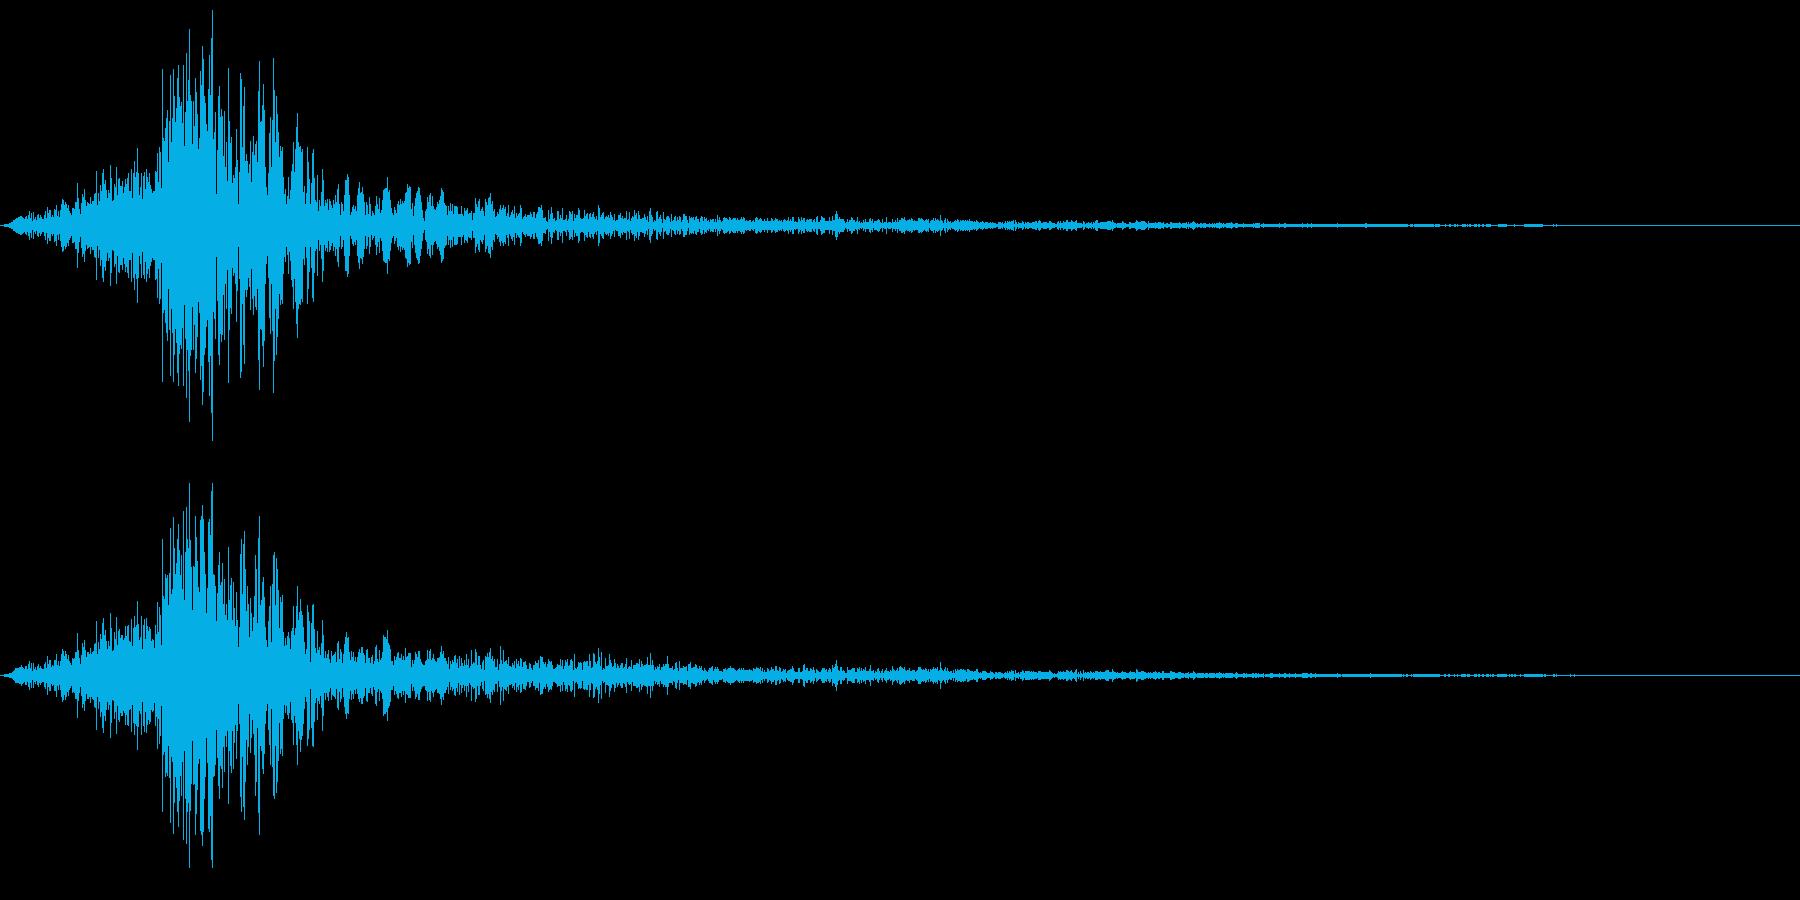 魔法弓 ヒットの再生済みの波形